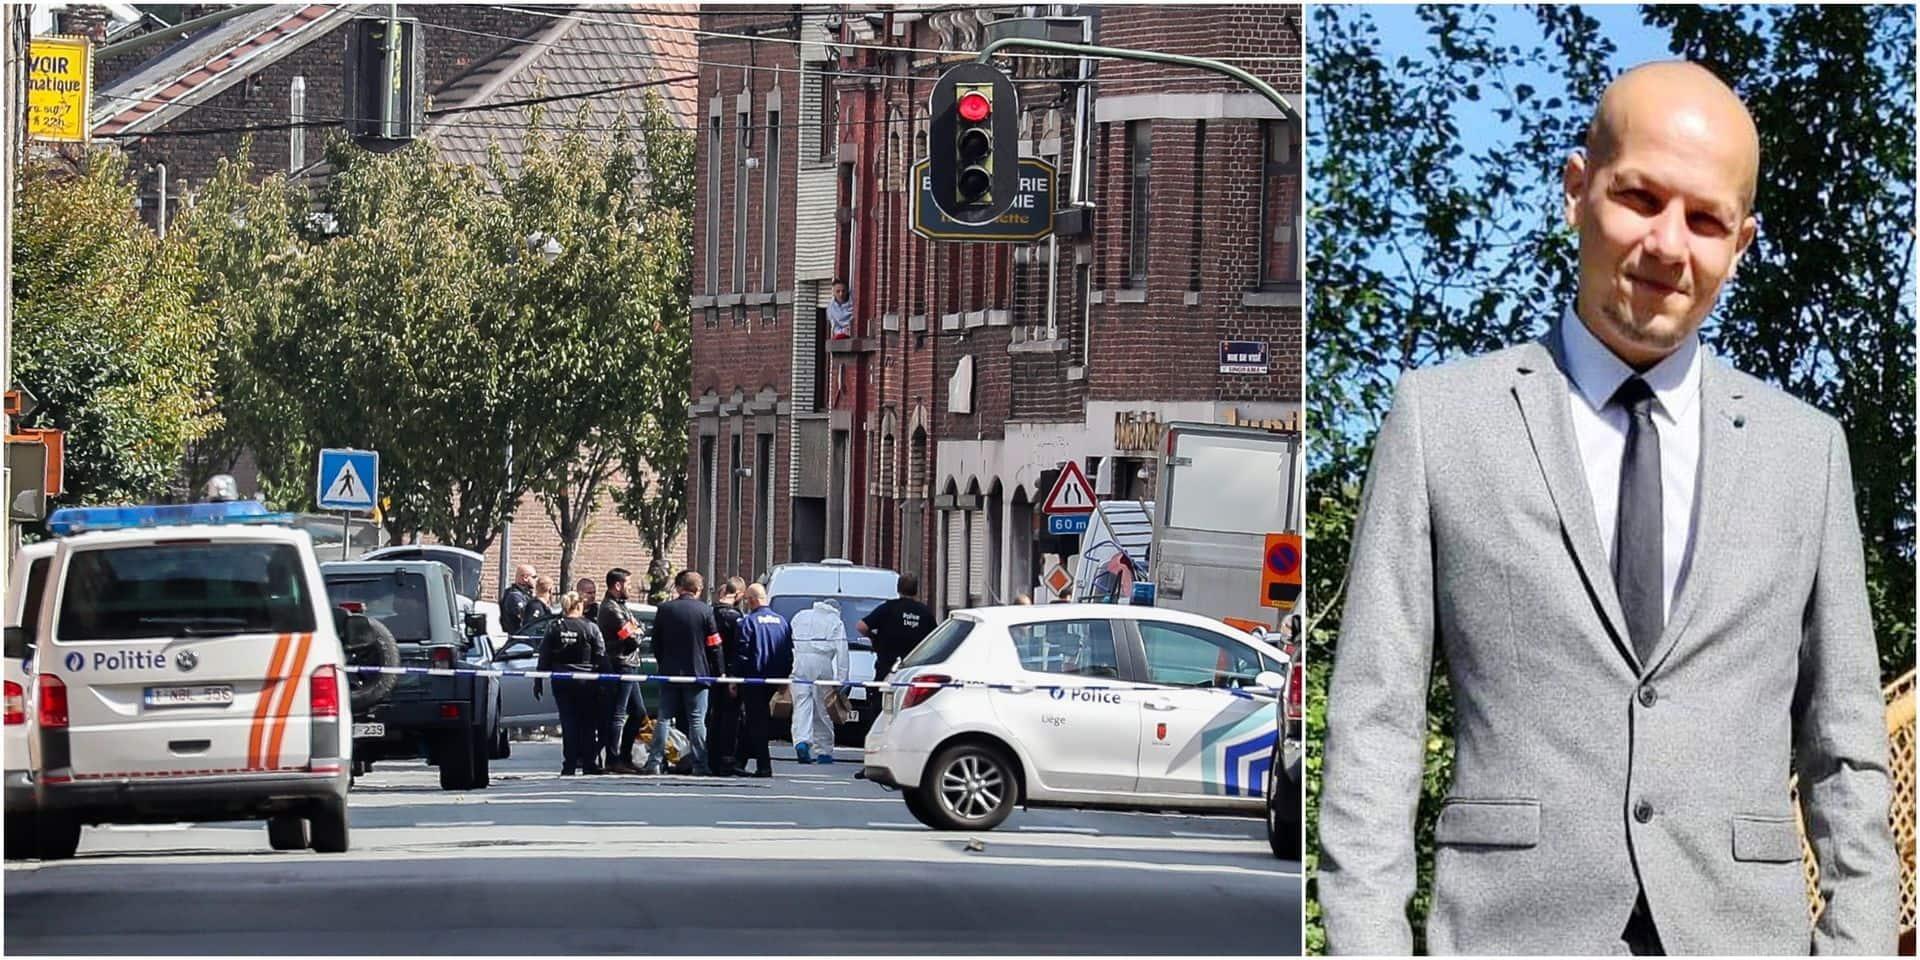 De bonnes nouvelles de Maxime Pans, le policier blessé par balle à Liège: il a quitté l'hôpital